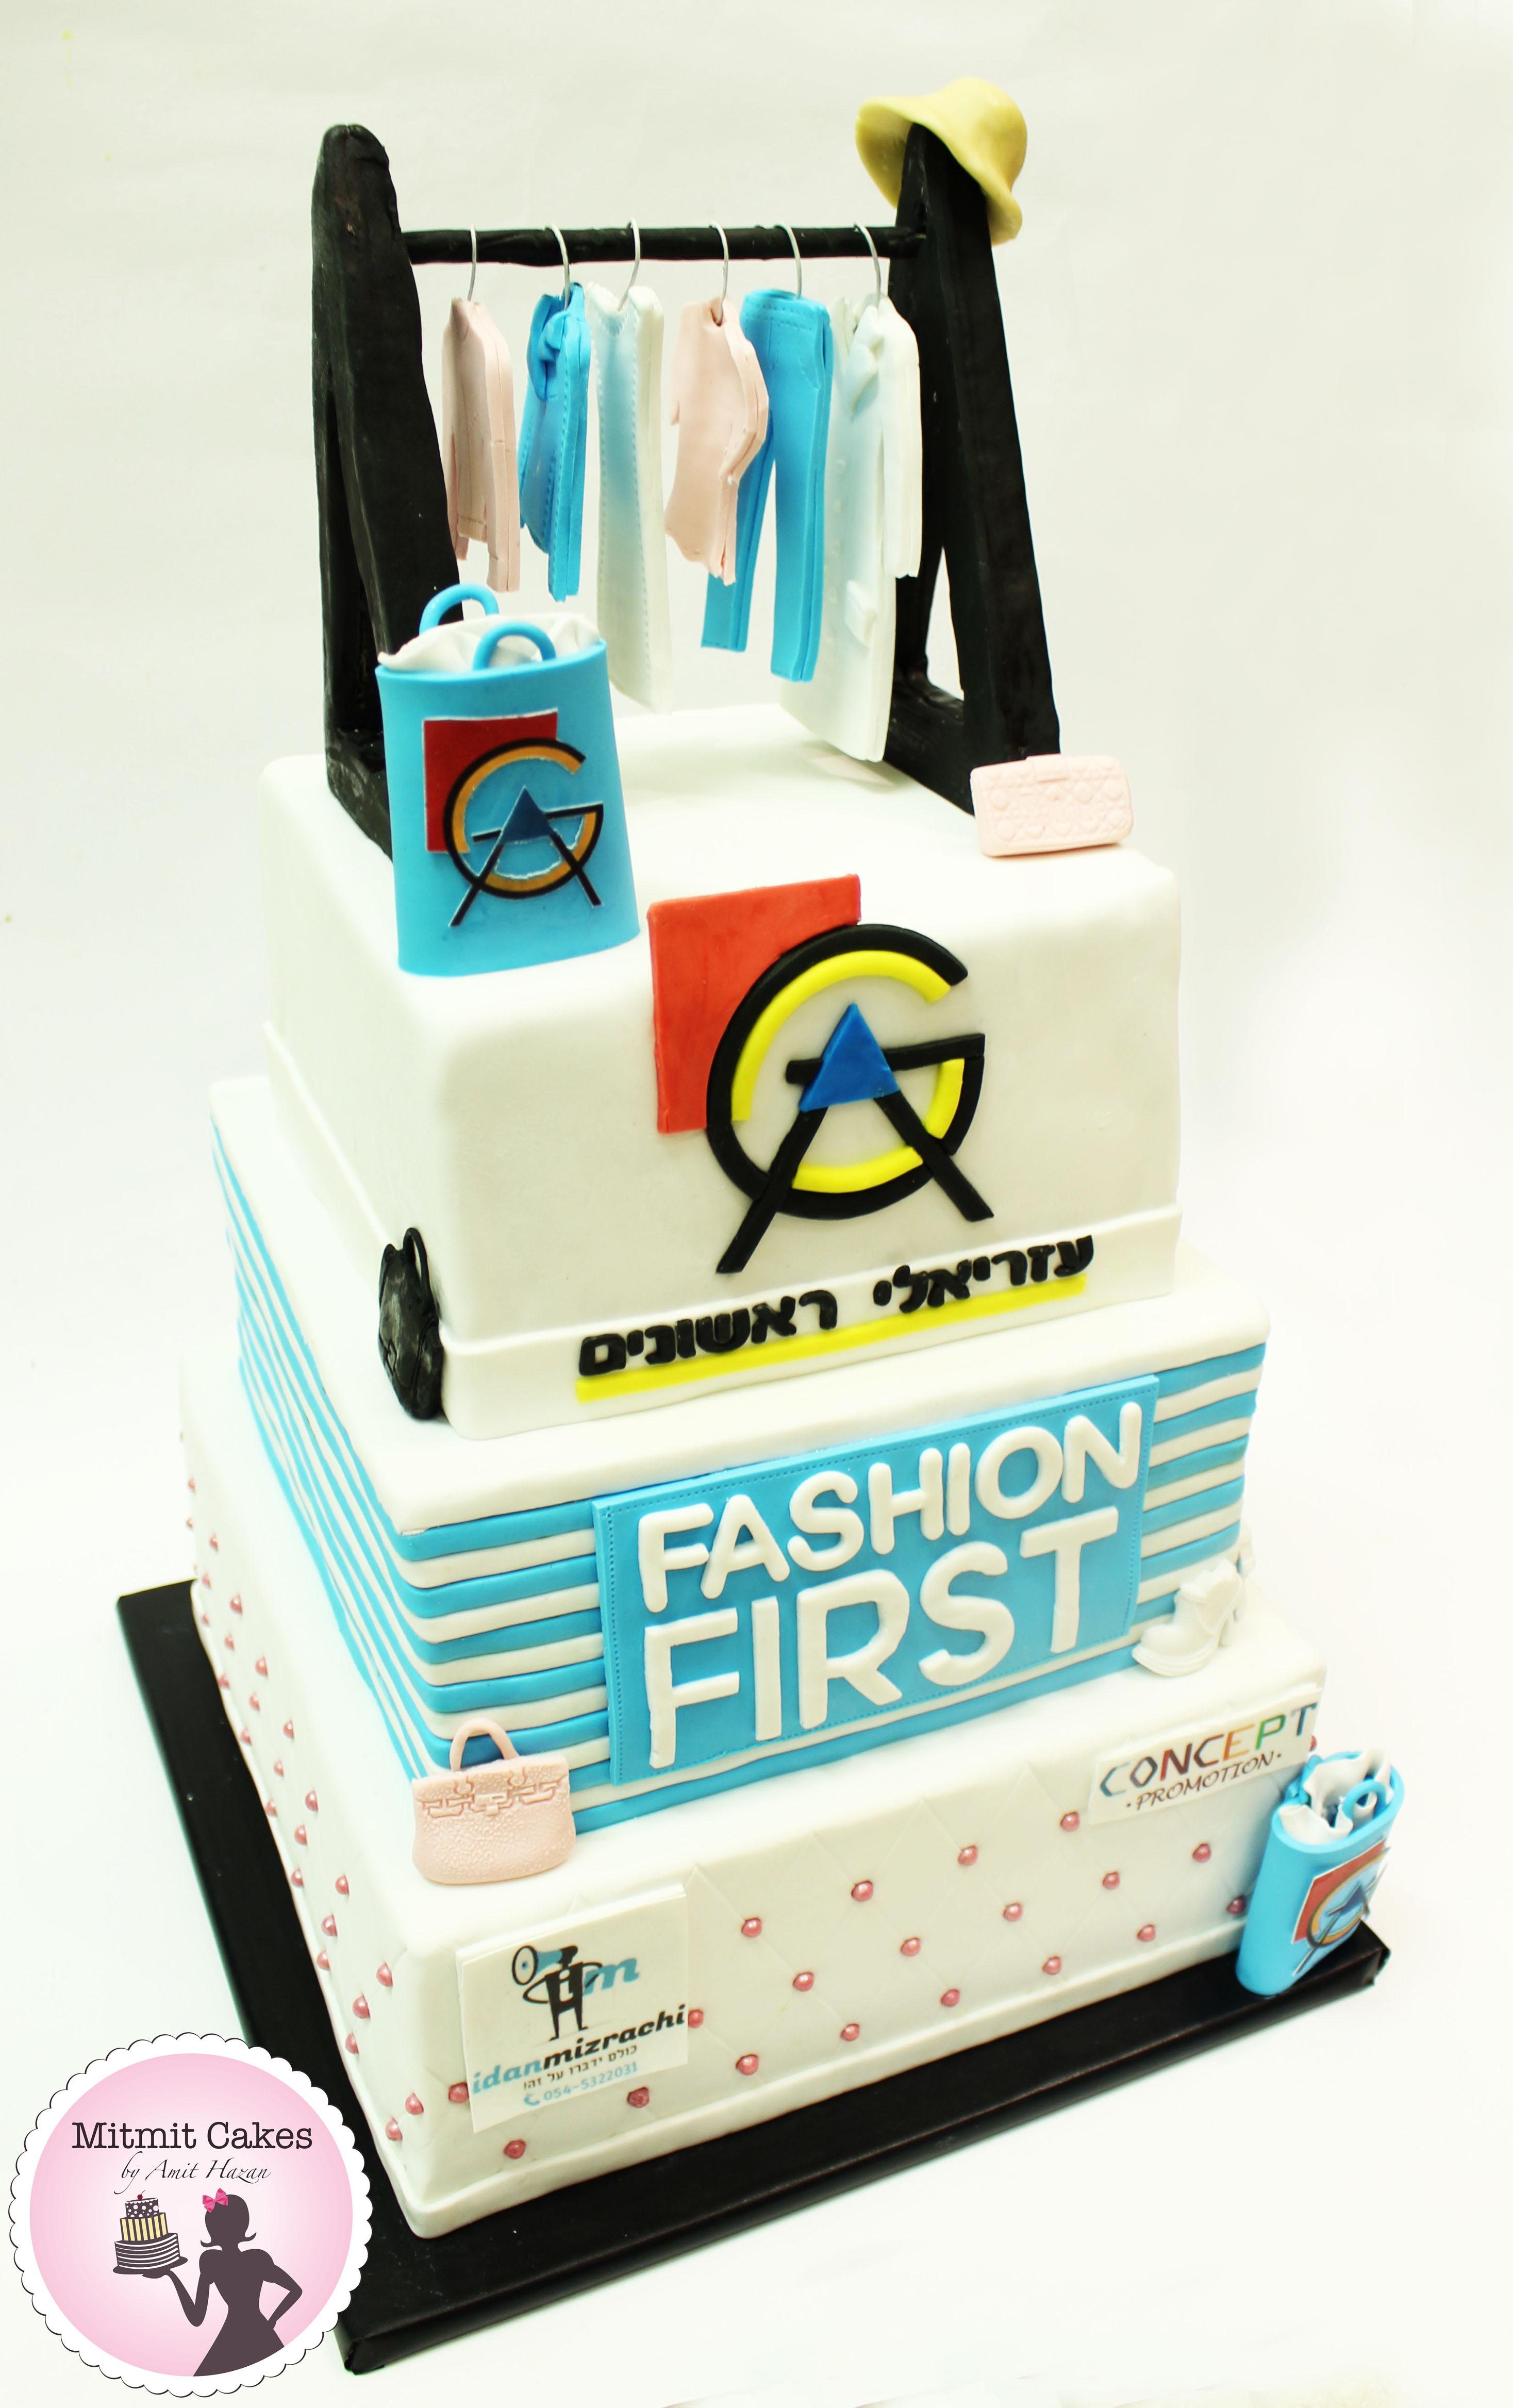 עוגה לקניון עזריאלי